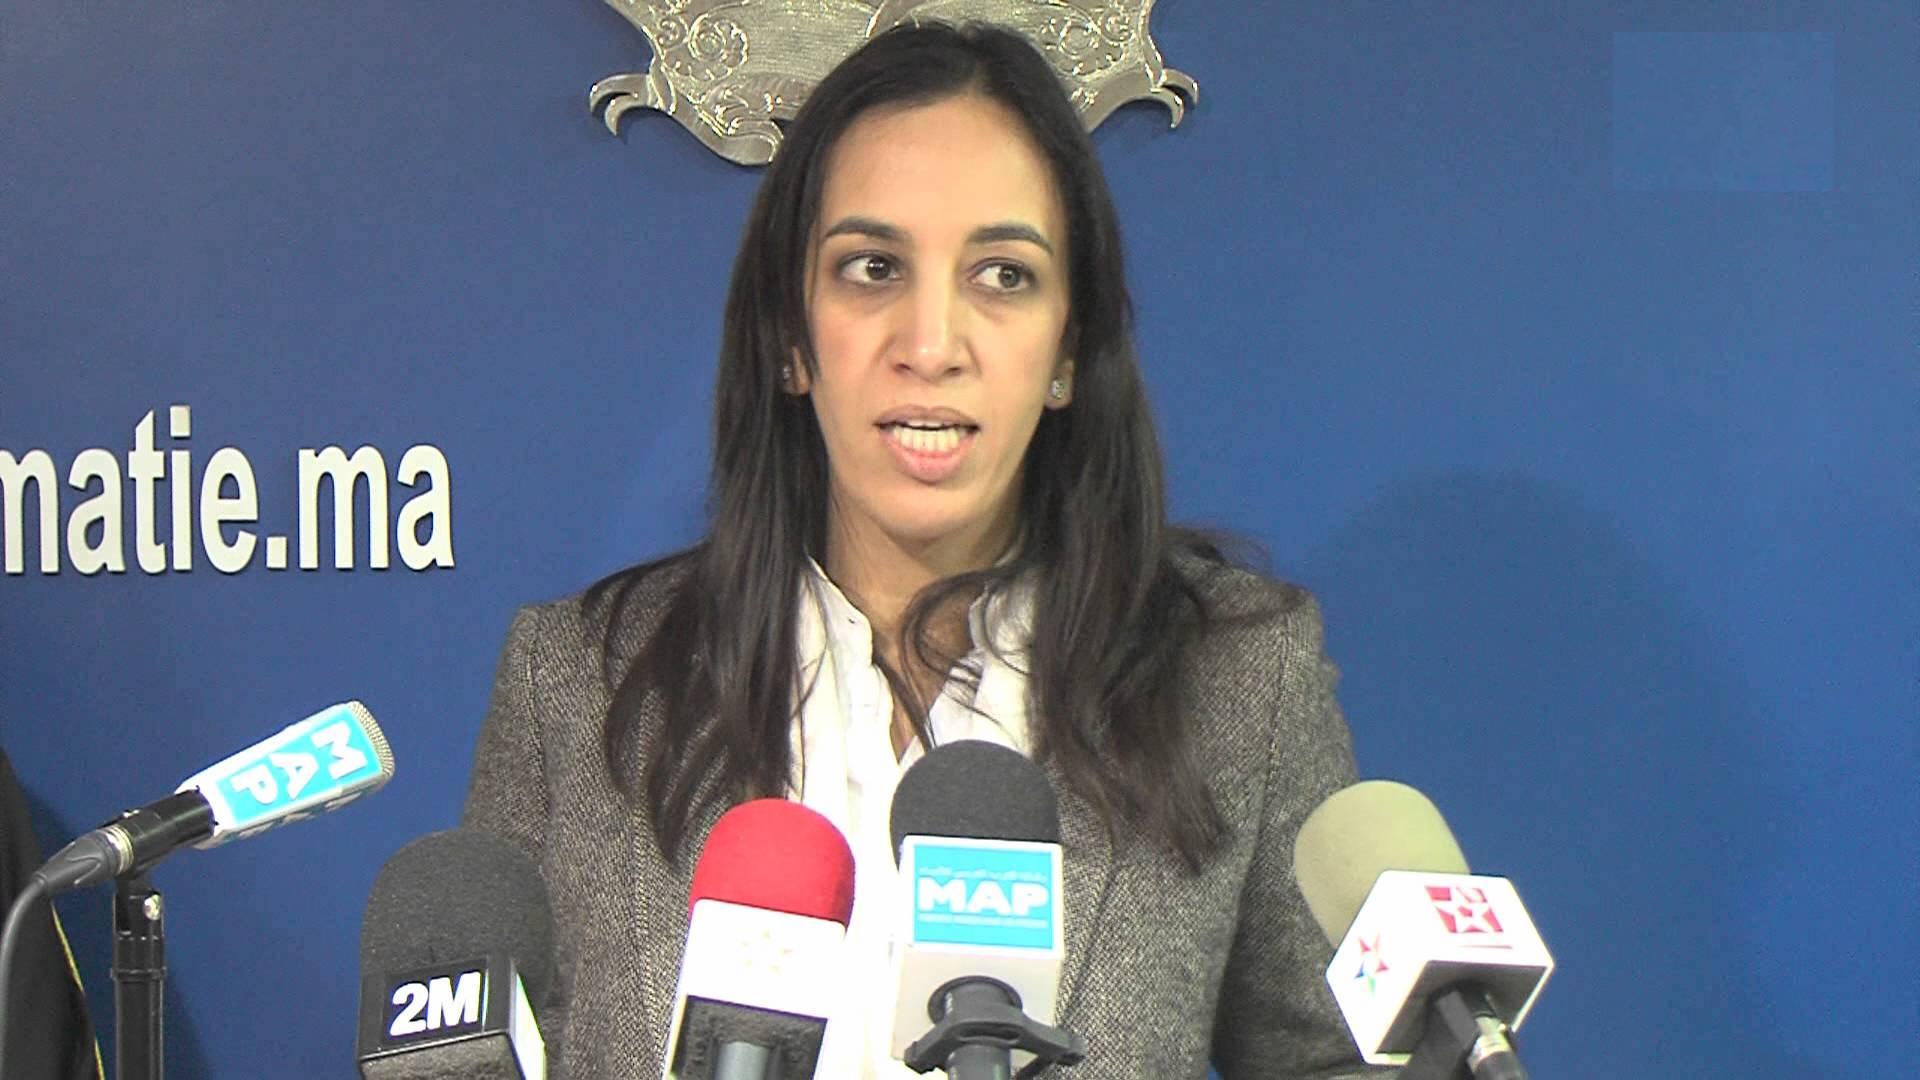 اهتمام أوربي متزايد بالتعاون الأمني مع المغرب لمواجهة الإرهاب